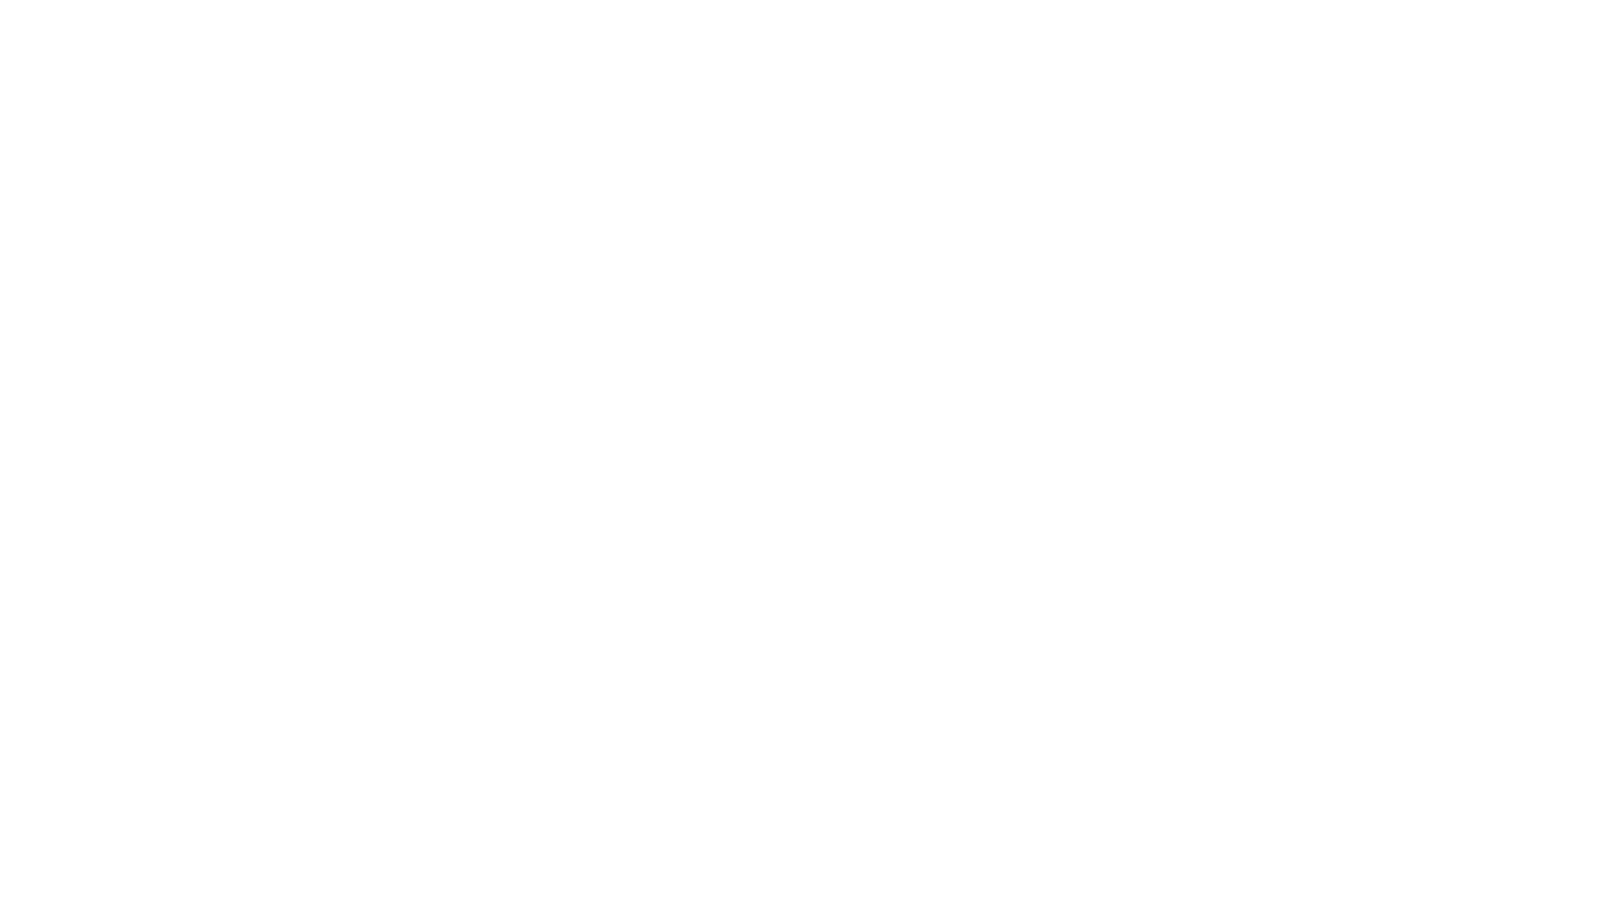 Powered by Restream https://restream.io/  Vino la Divertiland și Descoperă experiența off-road a noii generații 12 ATV și 4 UTV buggy Click acum: https://bit.ly/3rXhe2d Pentru grupuri si alte cerinte speciale te rugam sa ne contactezi la 021 9446 sau 0786 722 897.